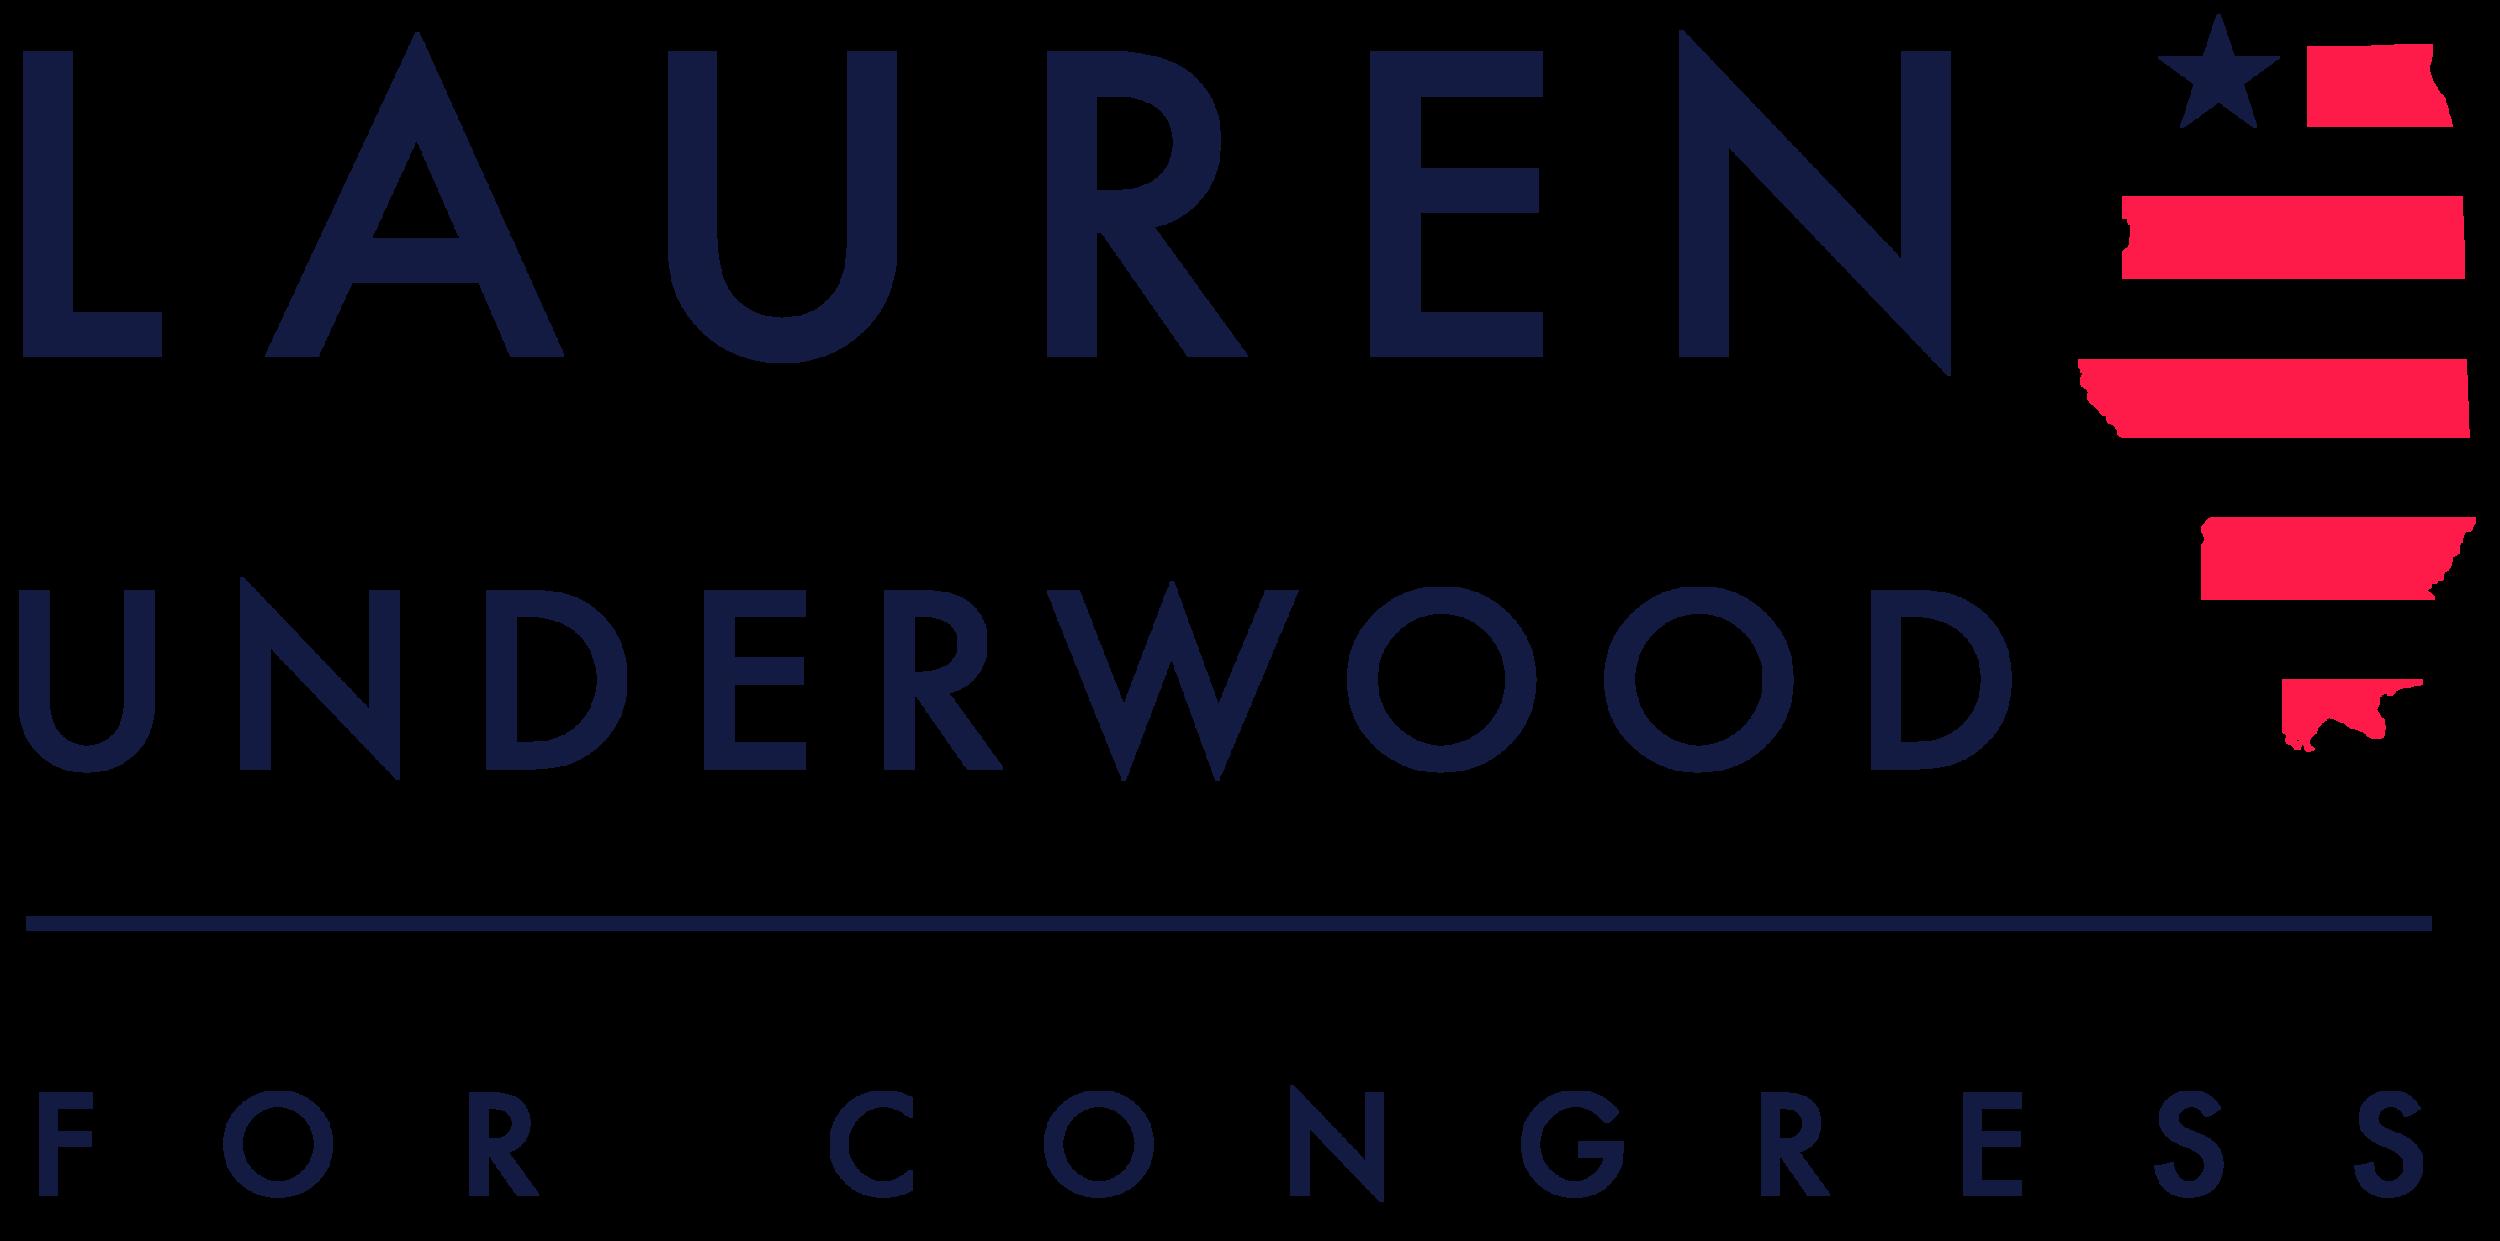 Lauren Underwood Logo.png